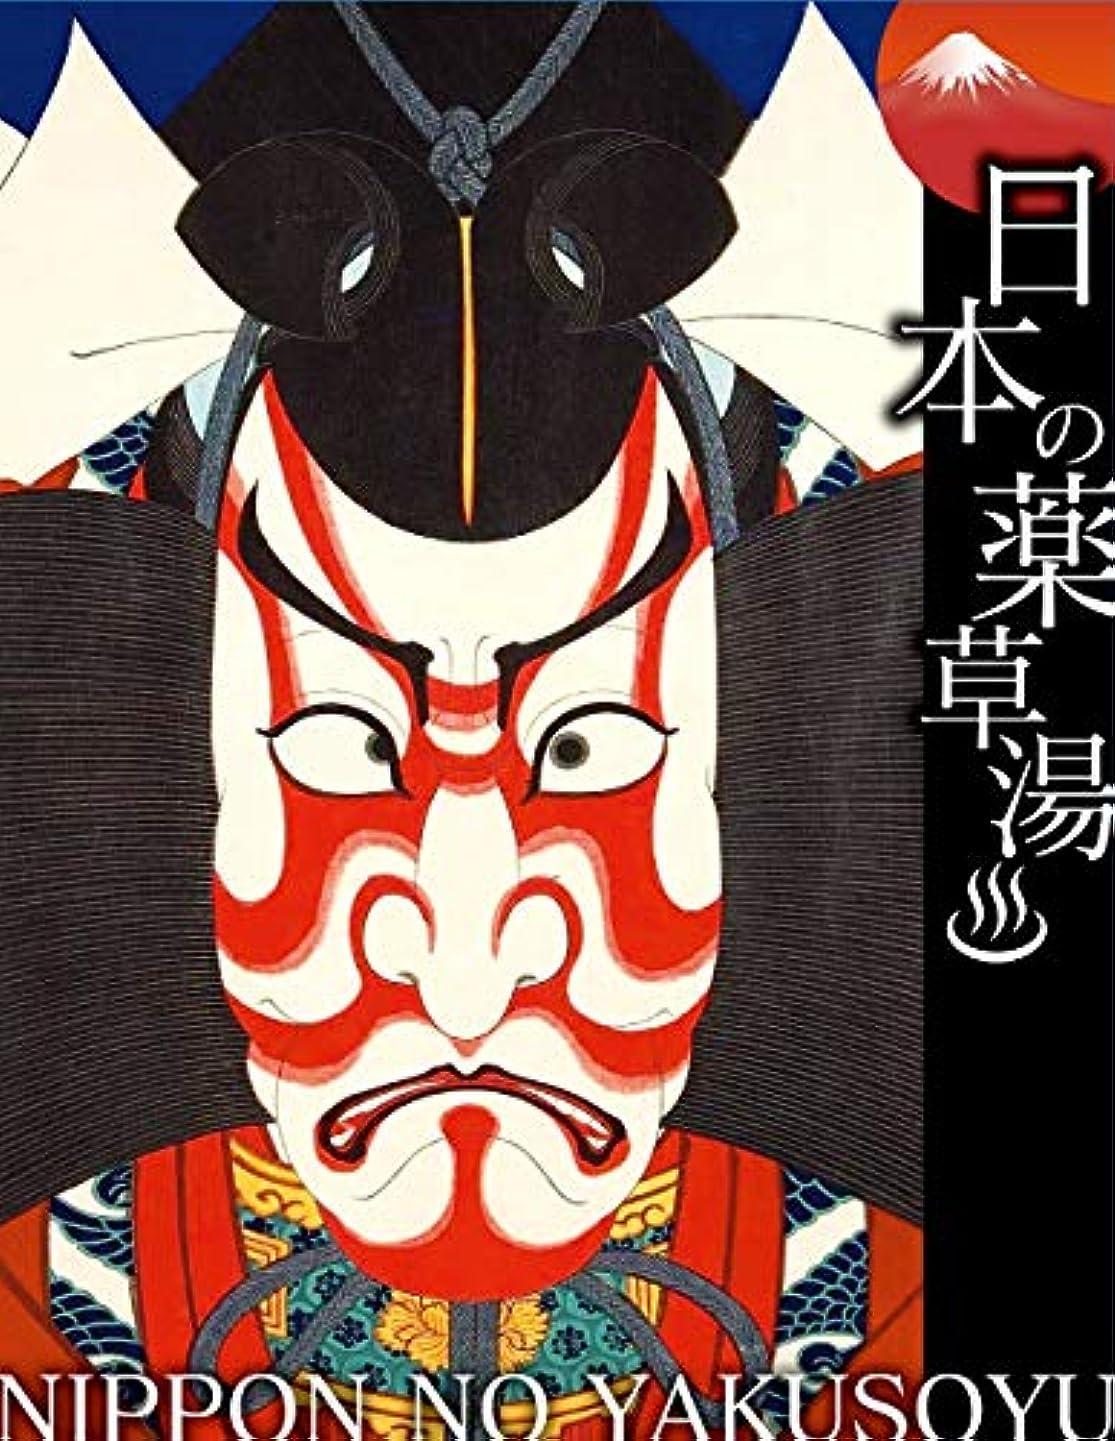 頻繁に元気に同意する日本の薬草湯 碓井荒太郎貞光 市川海老蔵 二九亭白猿